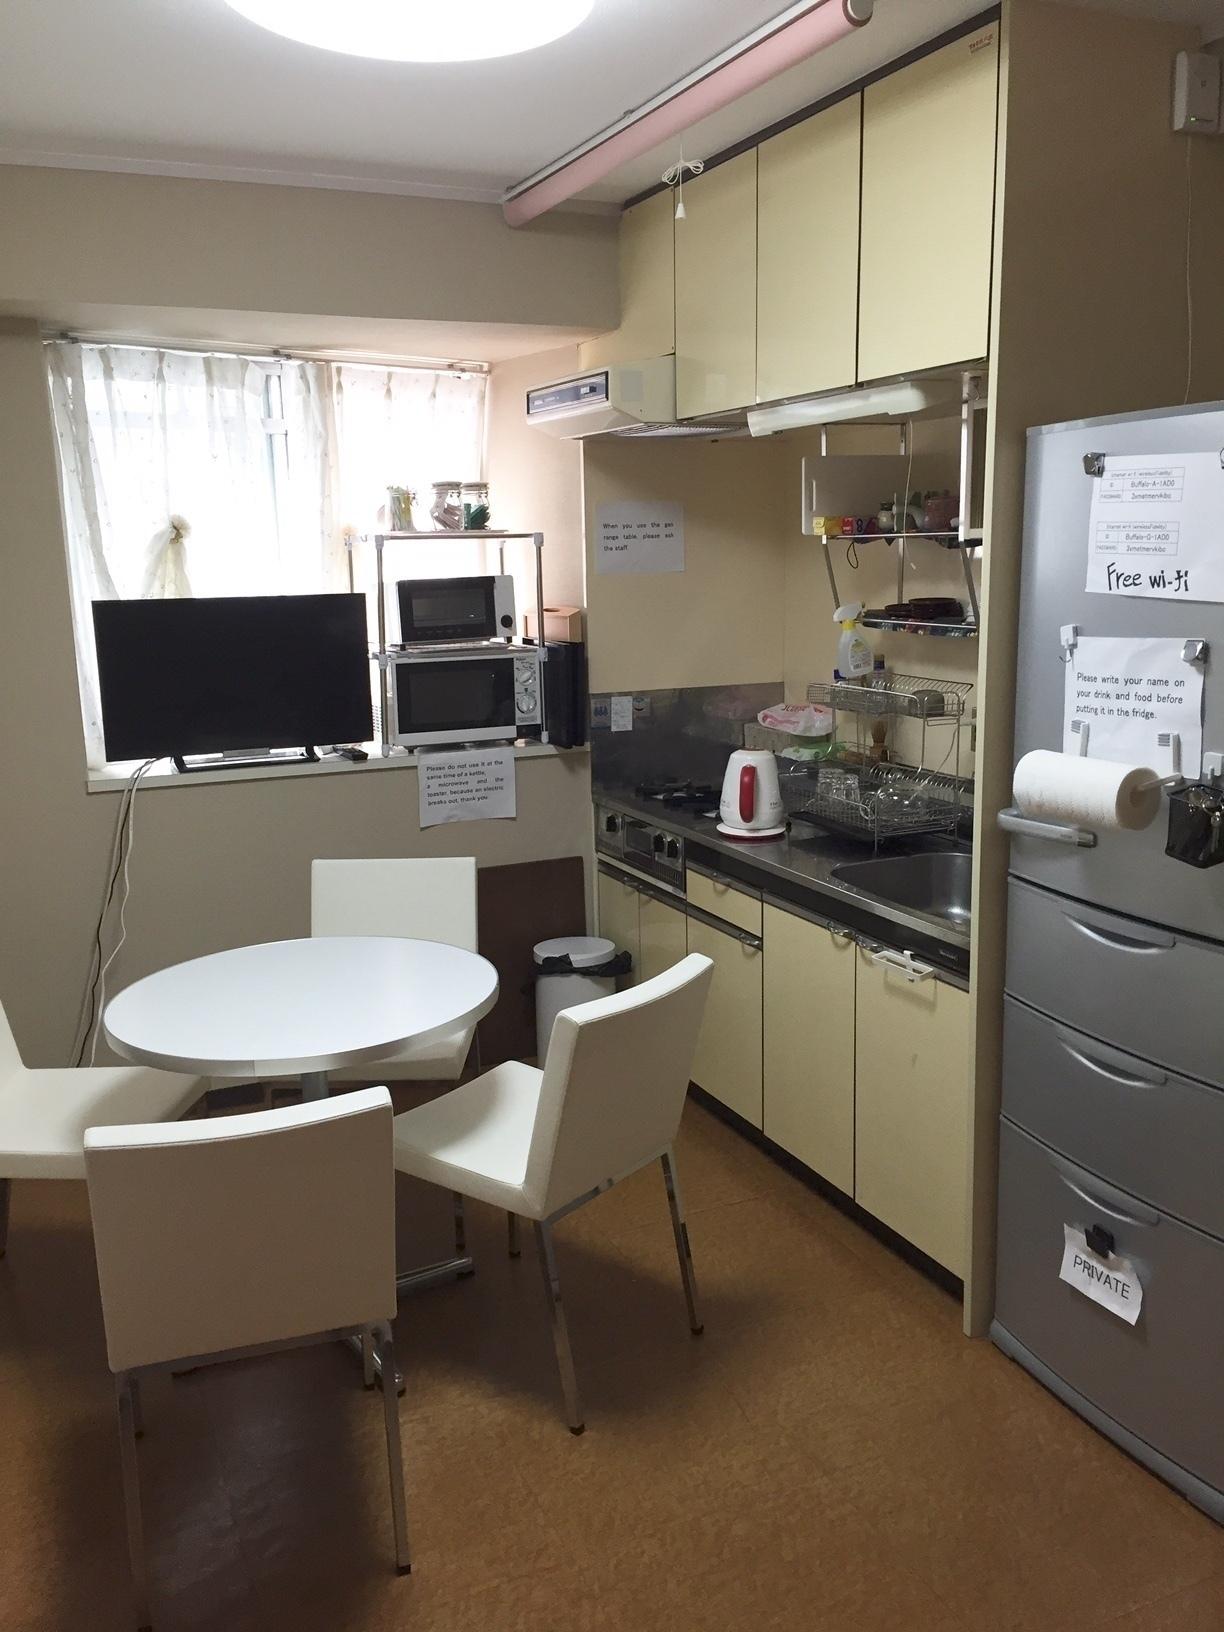 サンハイム南森町 レンタルキッチン ゲストハウス大阪 の室内の写真